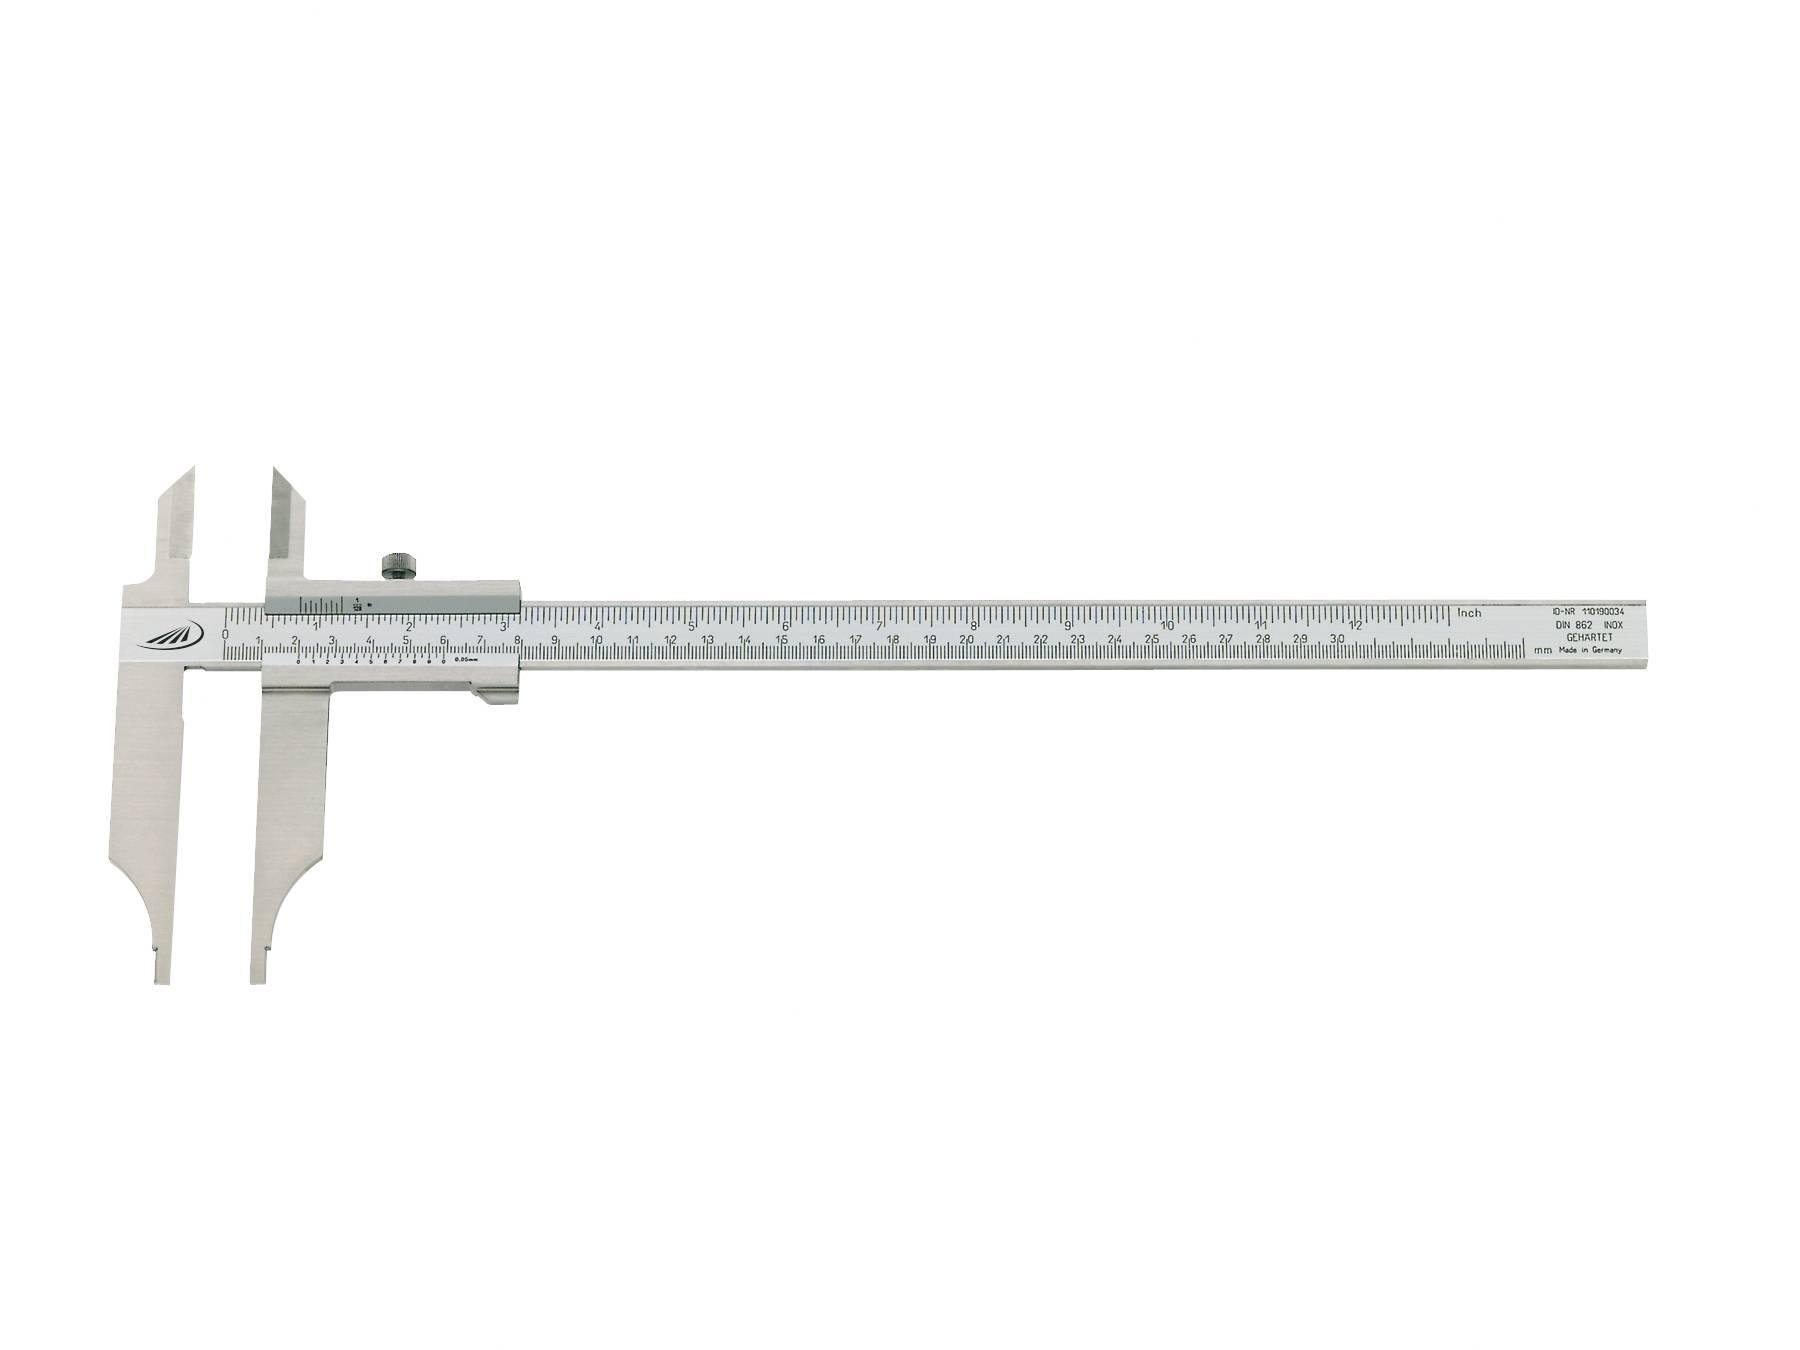 Posuvné měřítko HELIOS PREISSER 0234203, měřicí rozsah 300 mm, Kalibrováno dle DAkkS / mé číslo pro ISO